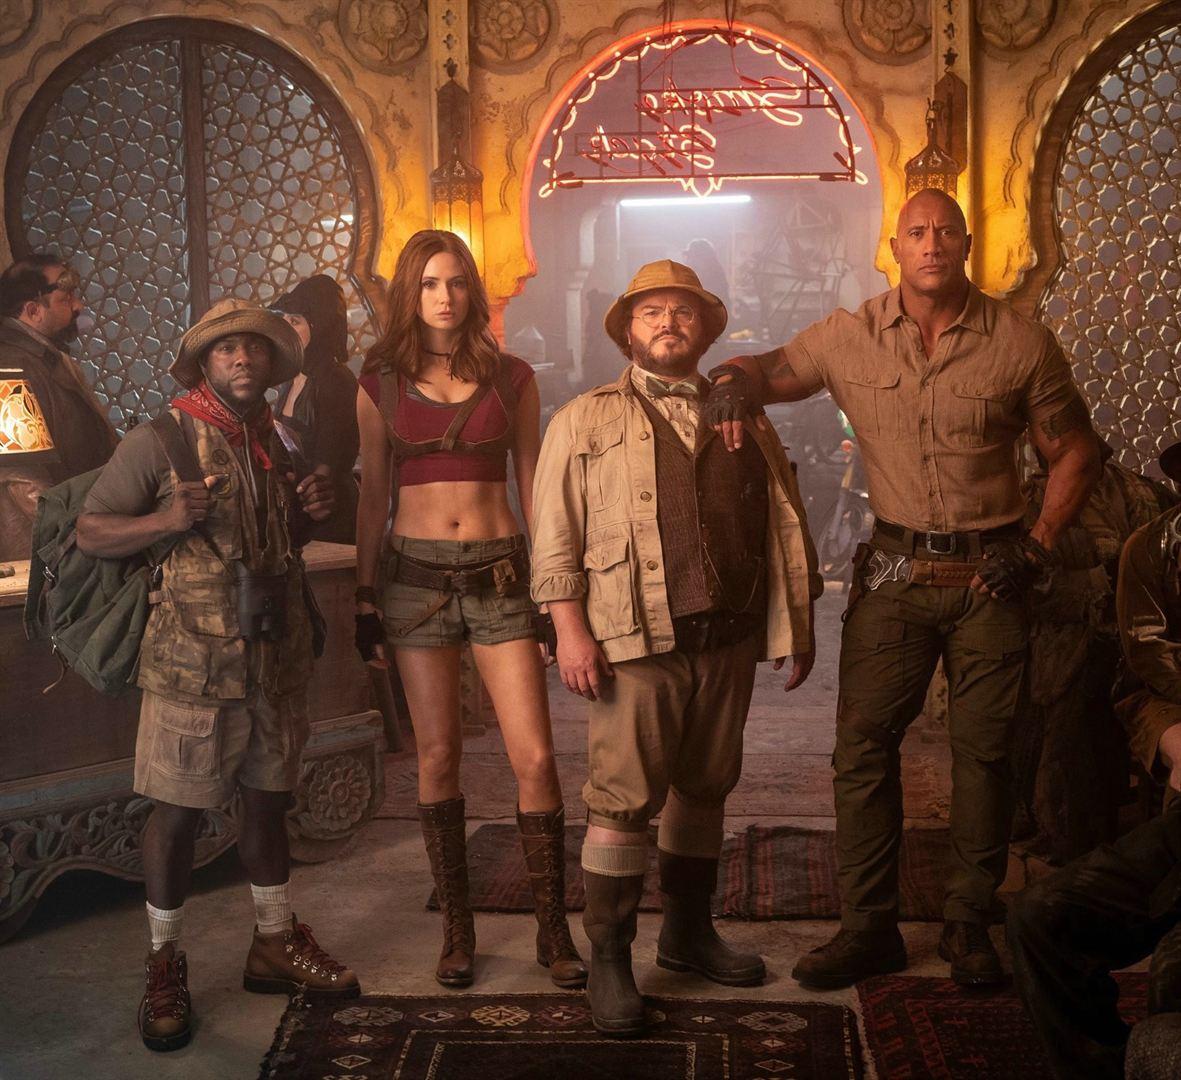 """תמונה של קארן גילן עם דוויין ג'ונסון, ג'ק בלאק, קווין הארט מתוך """"ג'ומנג'י 2: השלב הבא"""""""